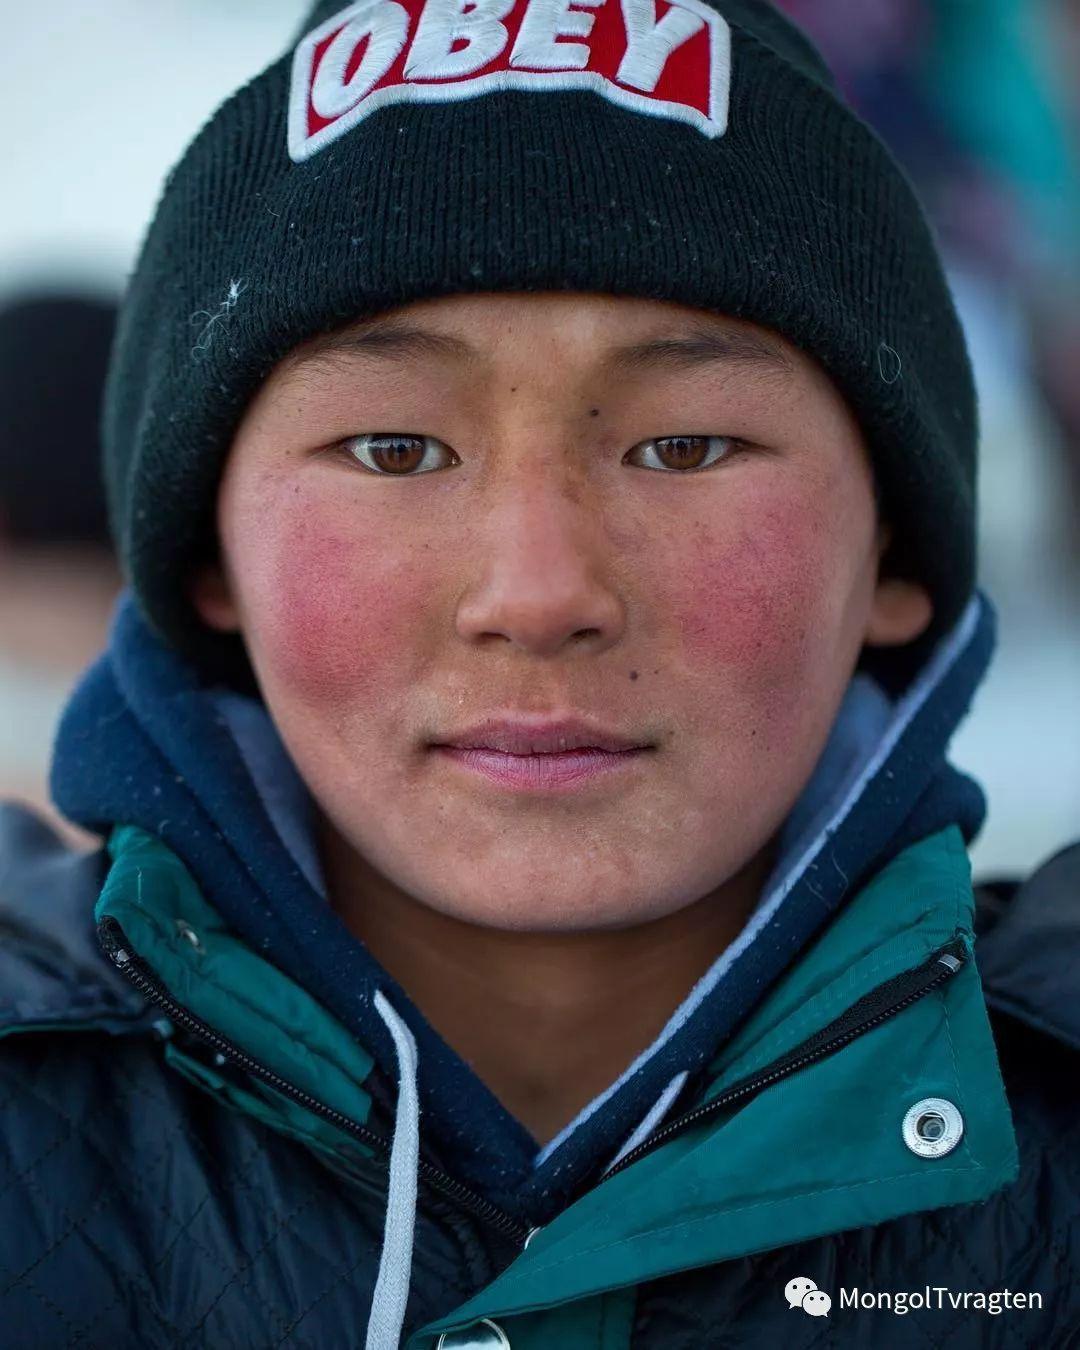 蒙古影像-- khangaikhuu.P 第10张 蒙古影像-- khangaikhuu.P 蒙古文化